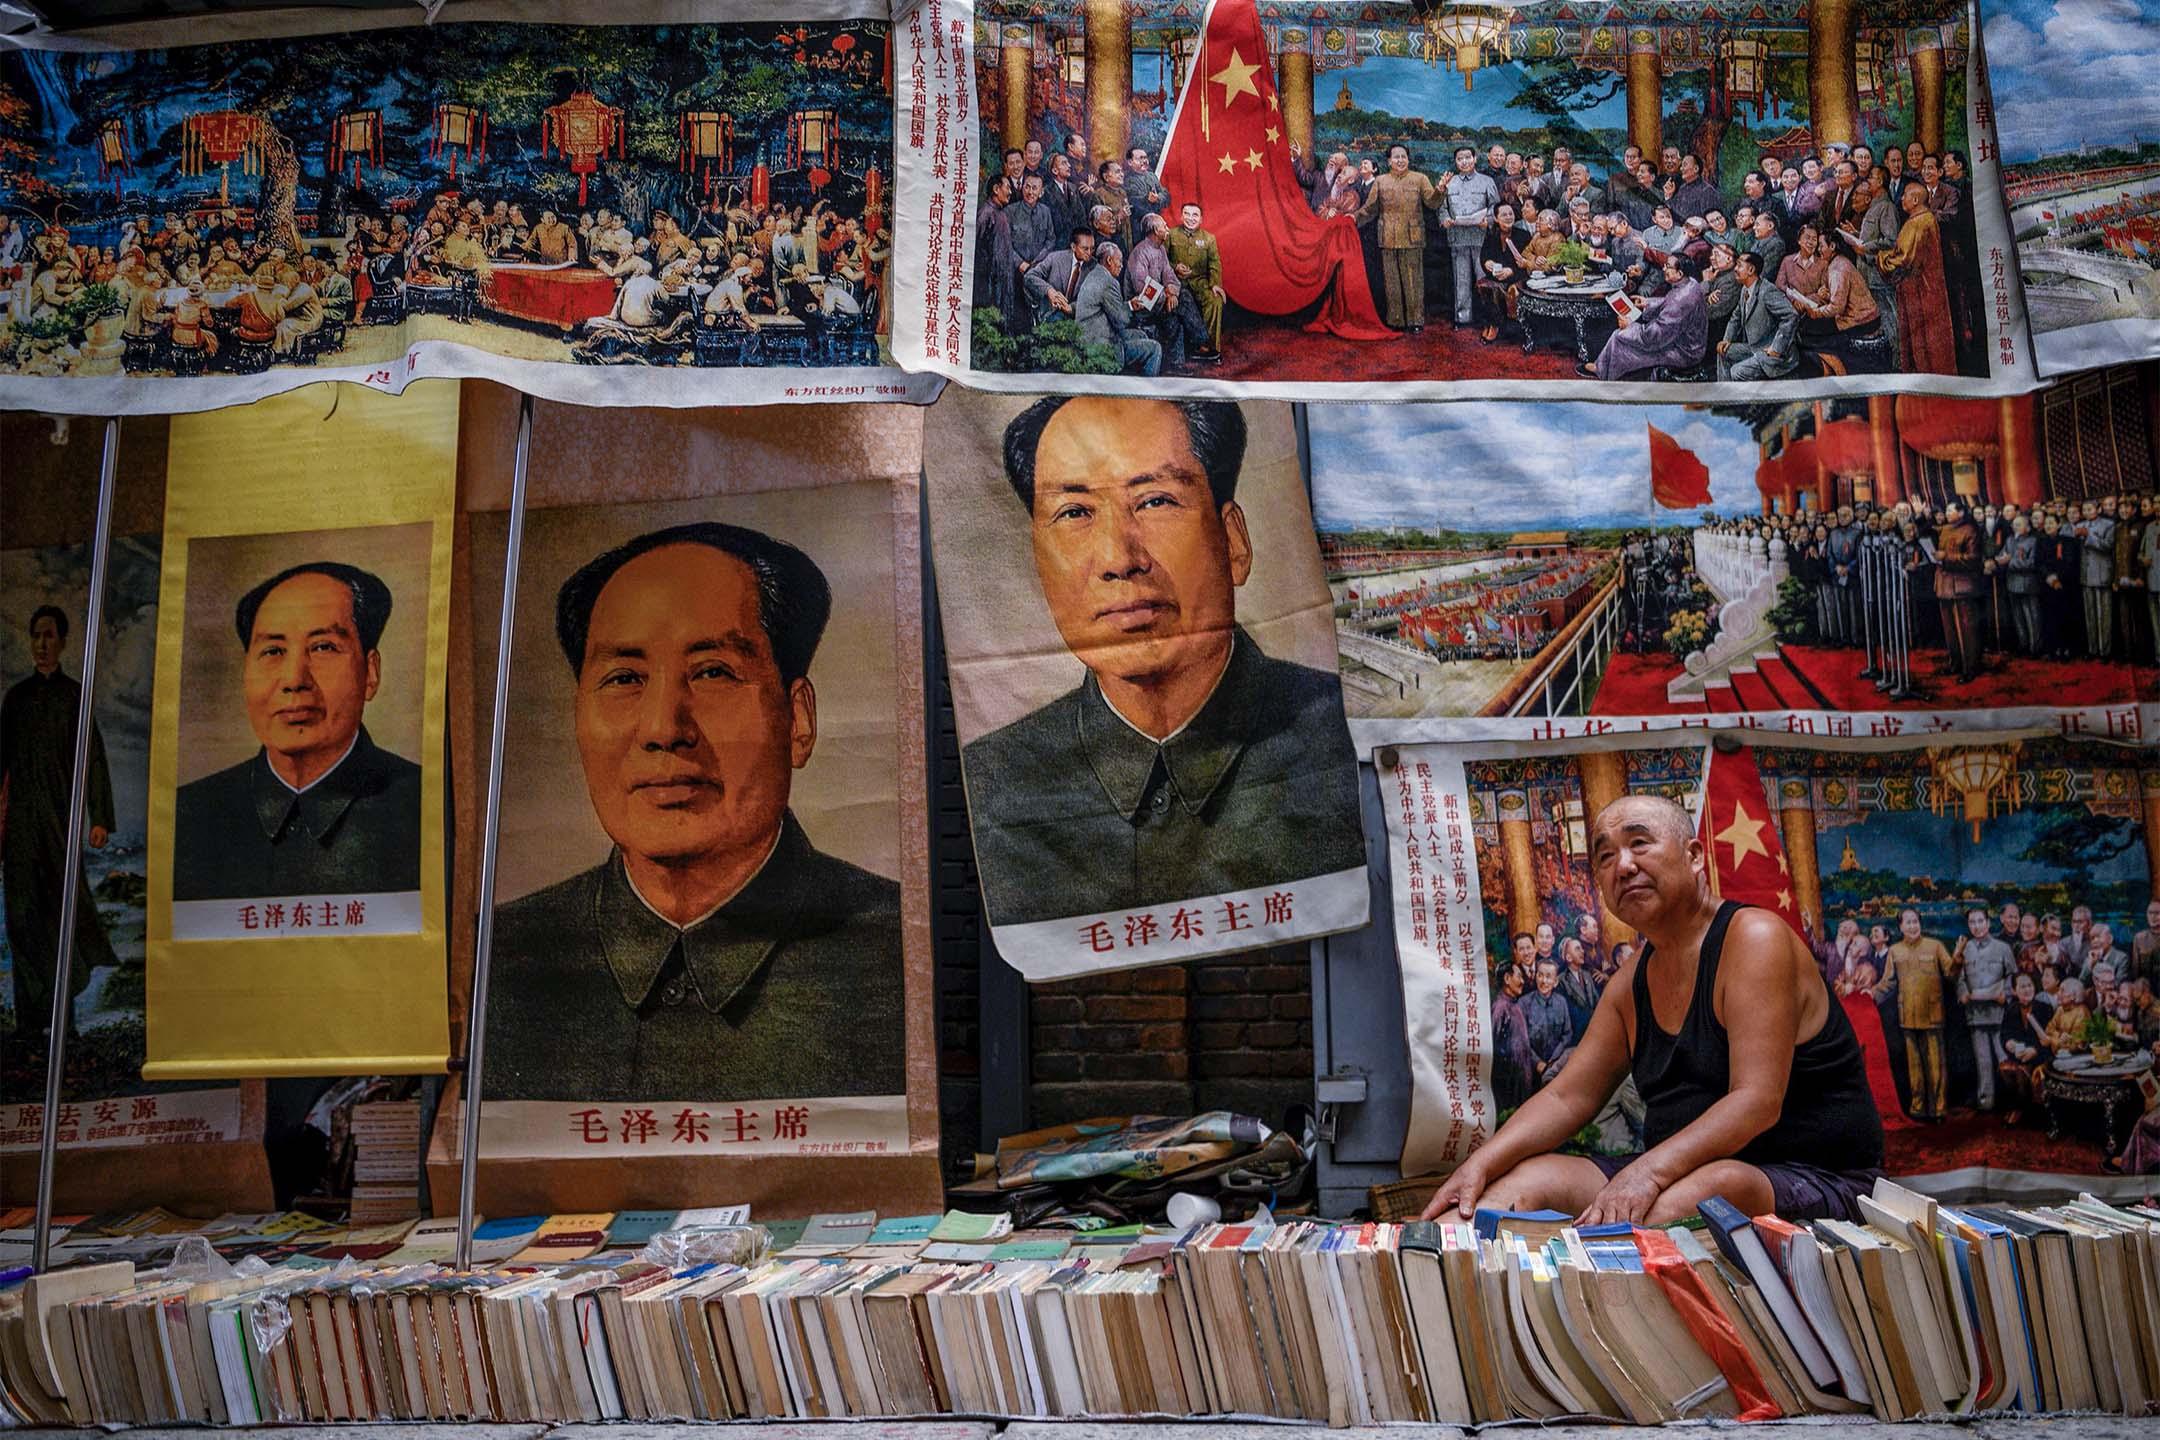 2019年9月7日北京古董市場,一些關於毛澤東書籍和紀念品的攤販。 攝:Noel Celis/AFP via Getty Images